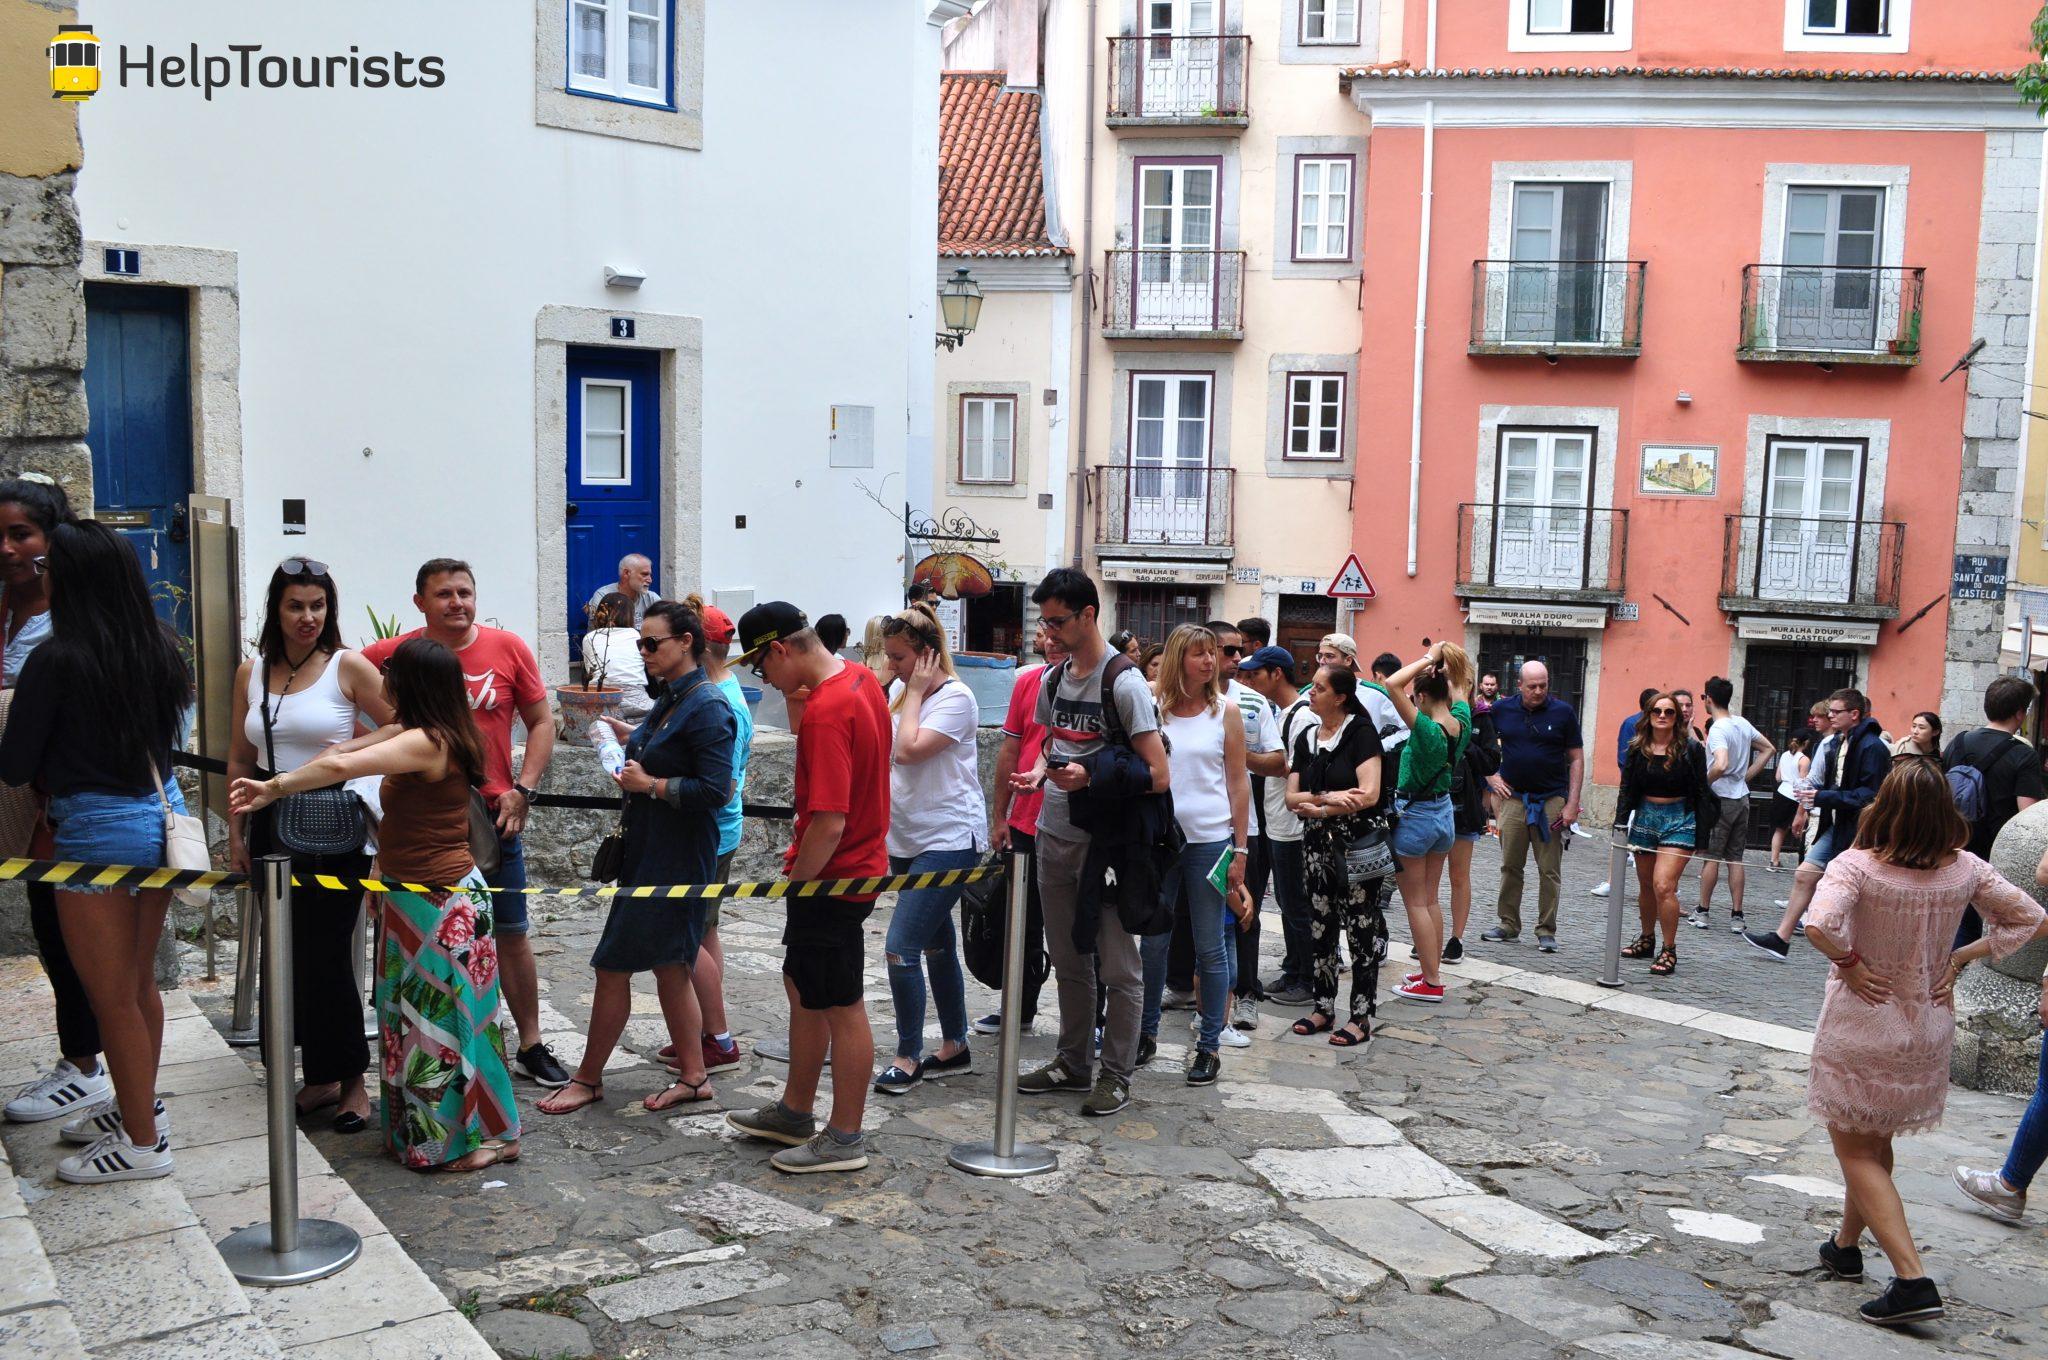 Lissabon castelo de sao jorge warteschlange